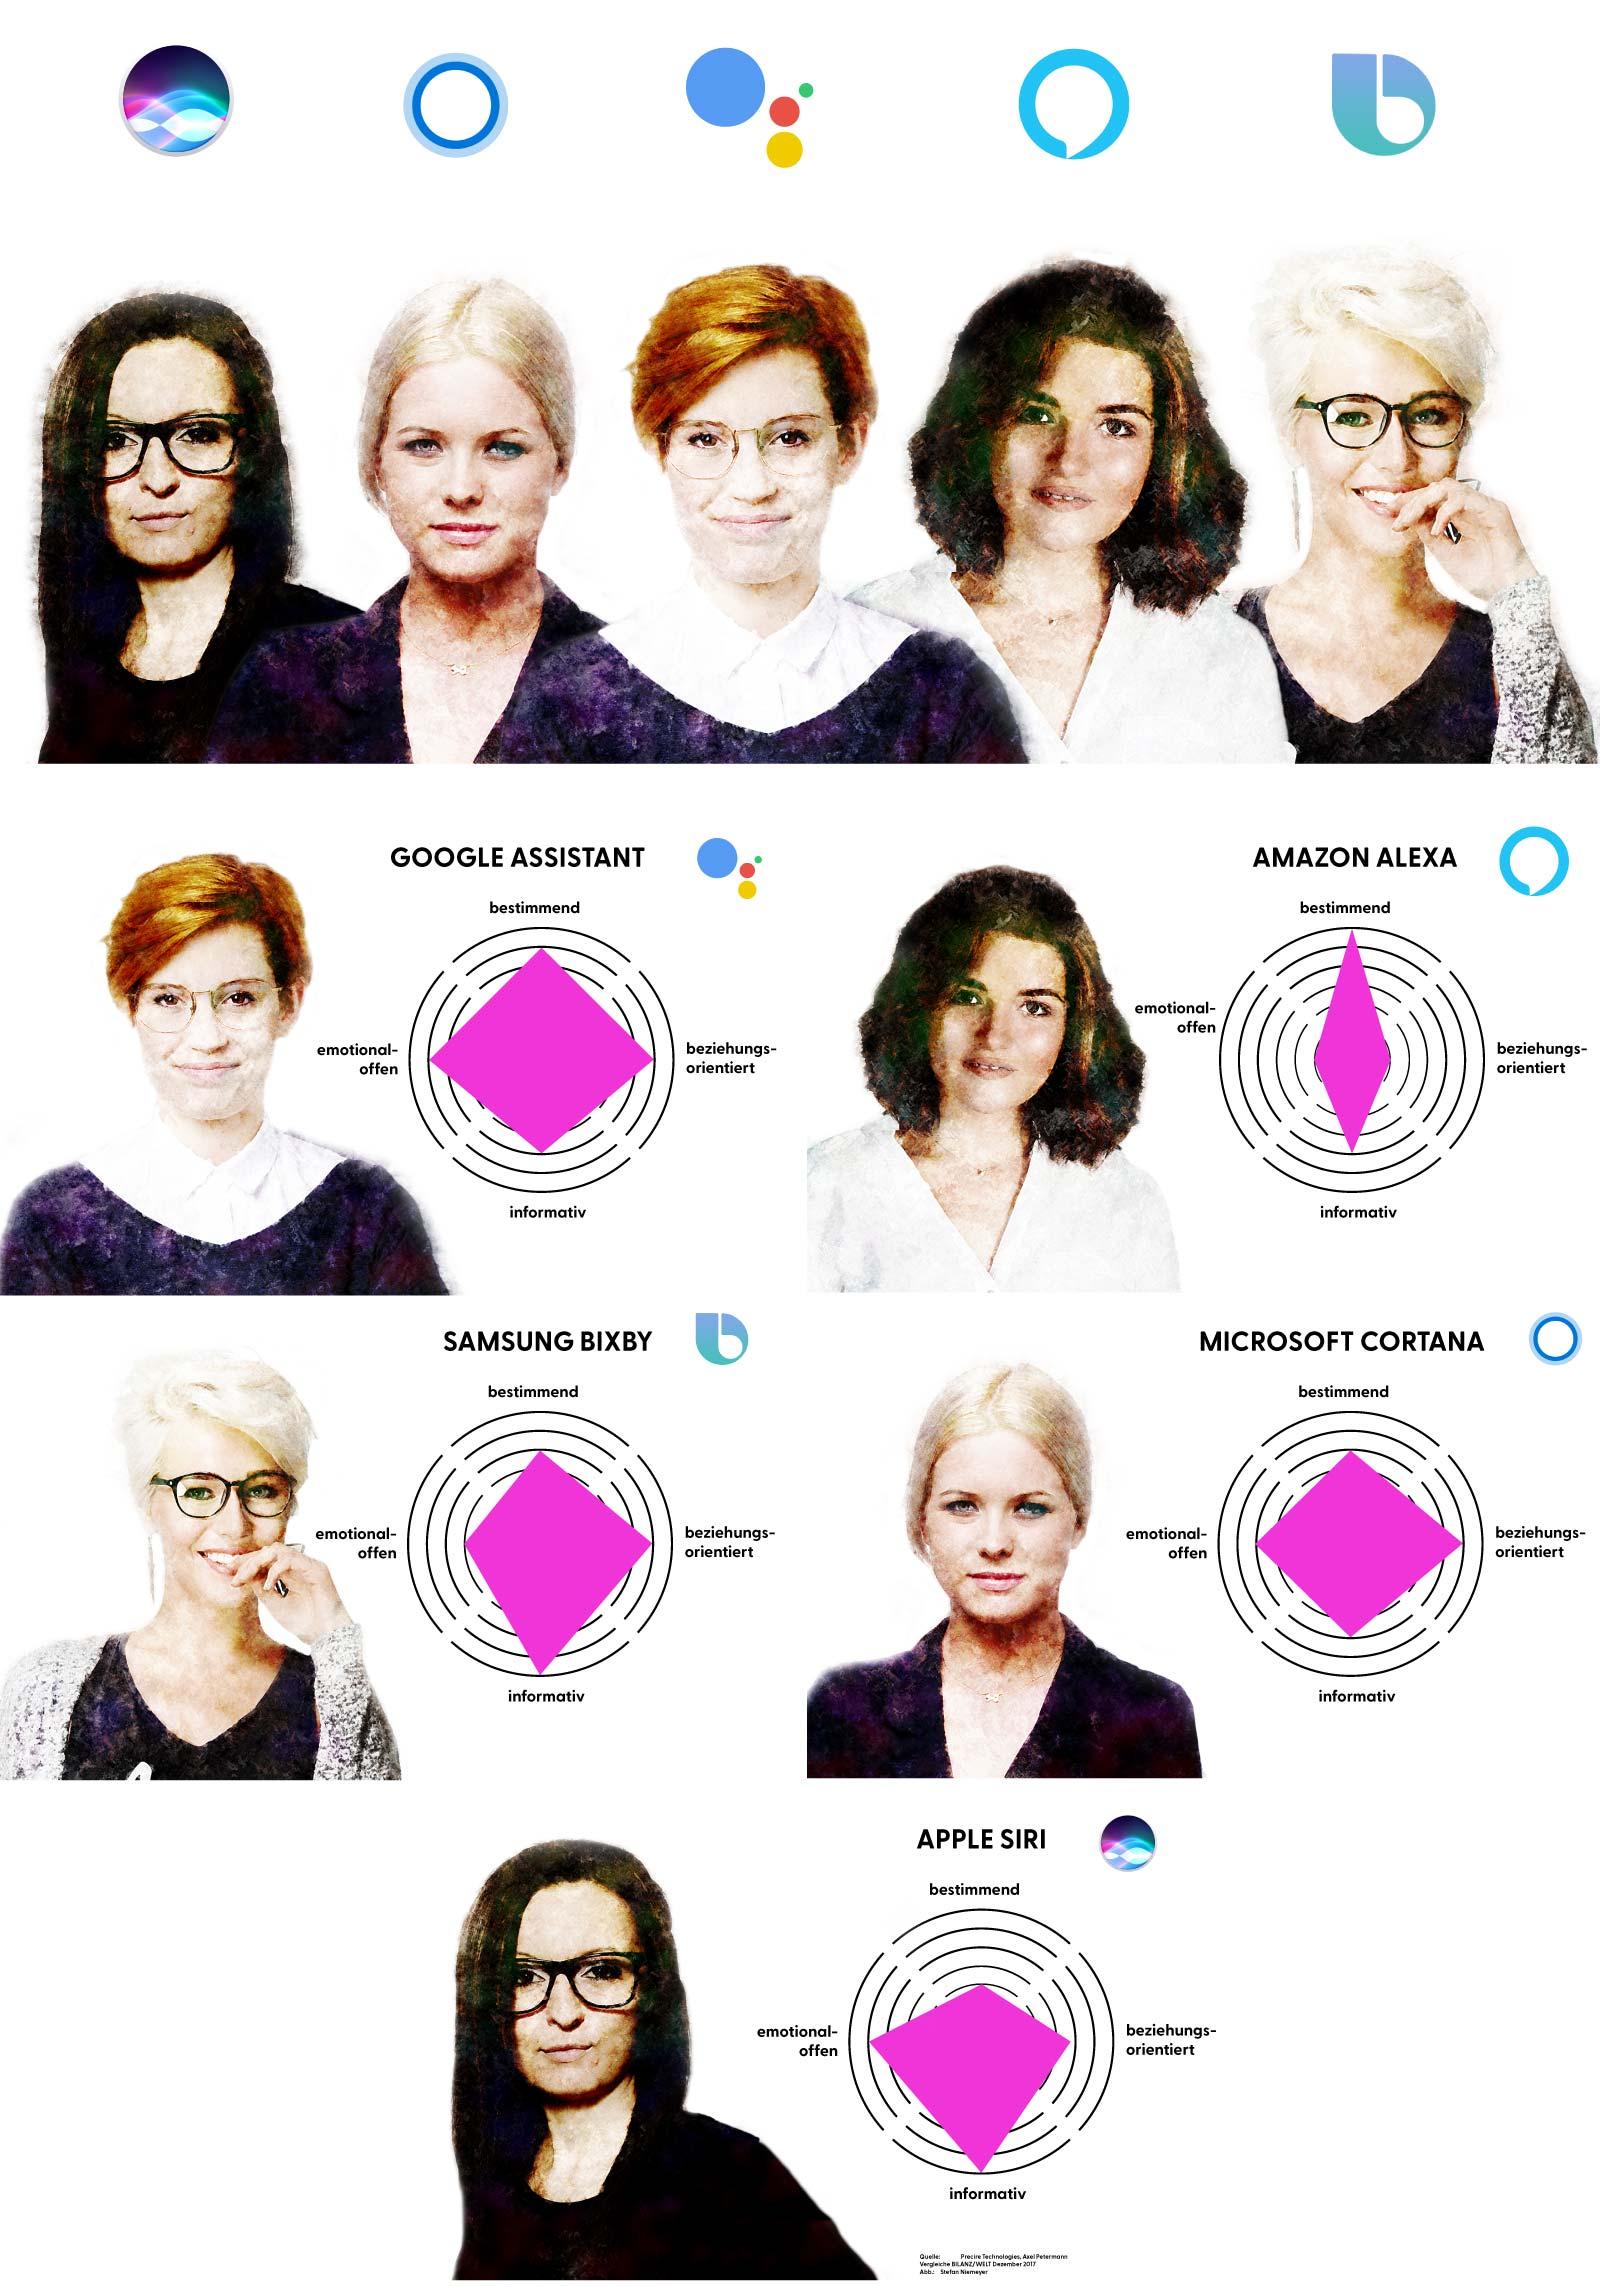 Digitale Sprachassistenten Amazon Alexa, Google Assistant, Apple Siri, Microfost Cortana und ihre Wirkung